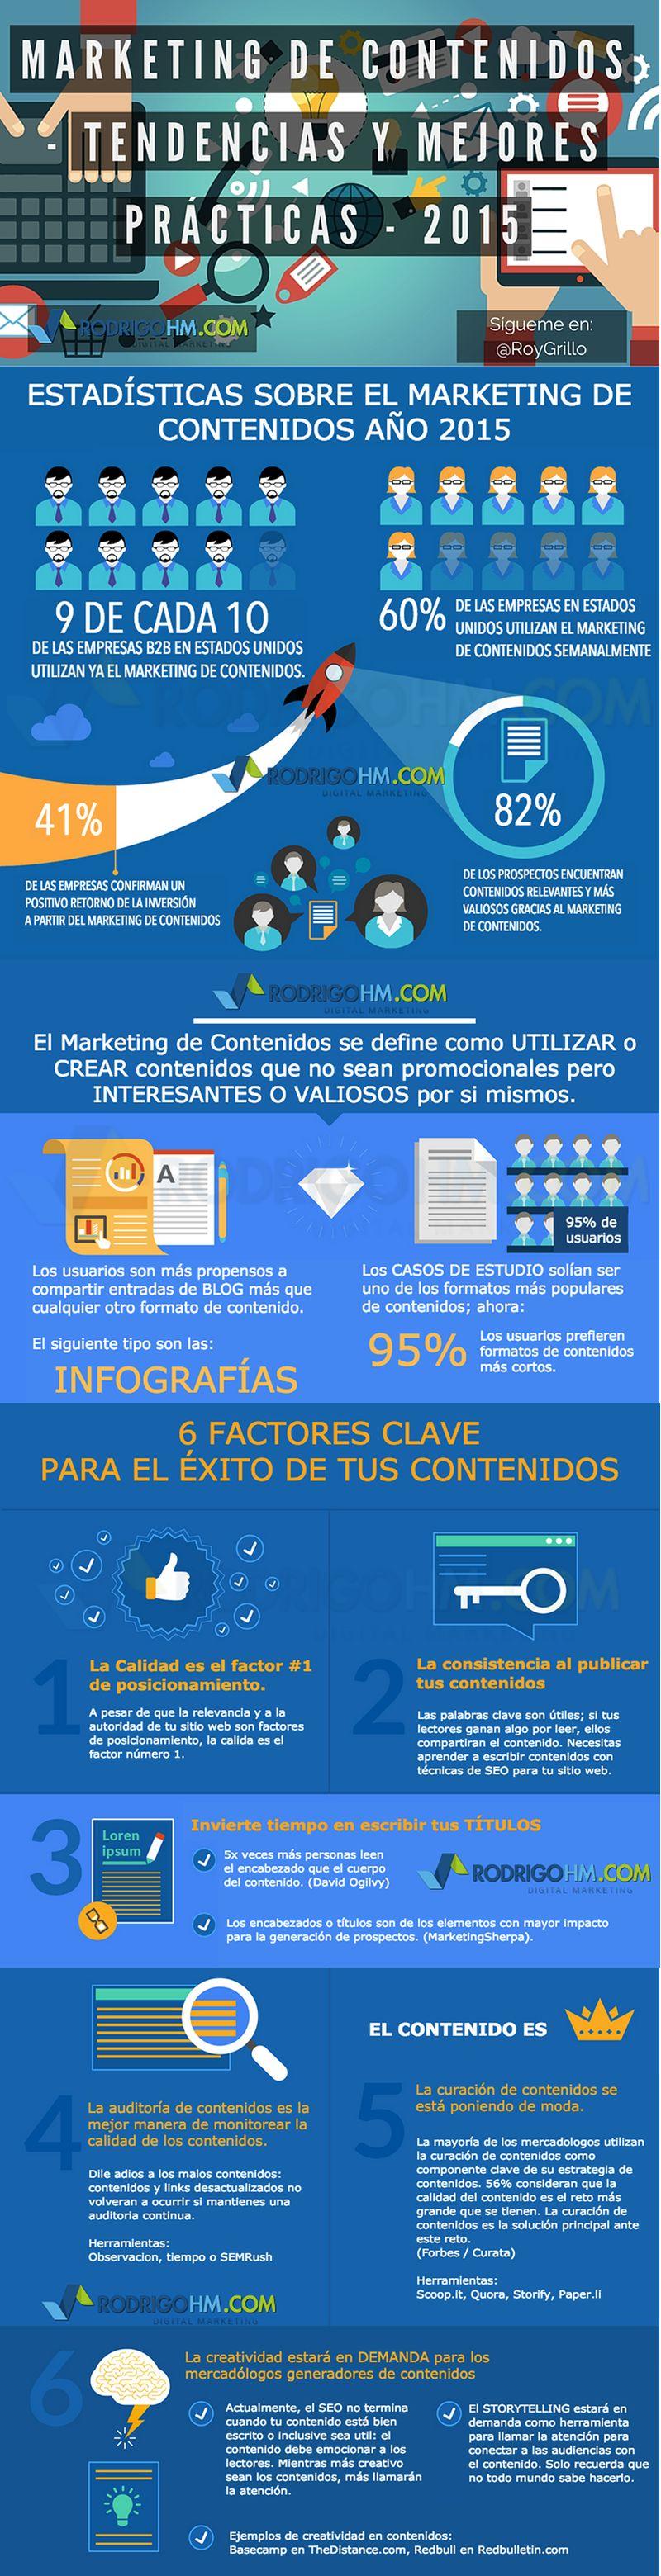 Tendencias y mejores prácticas de Marketing de Contenidos (infografía)